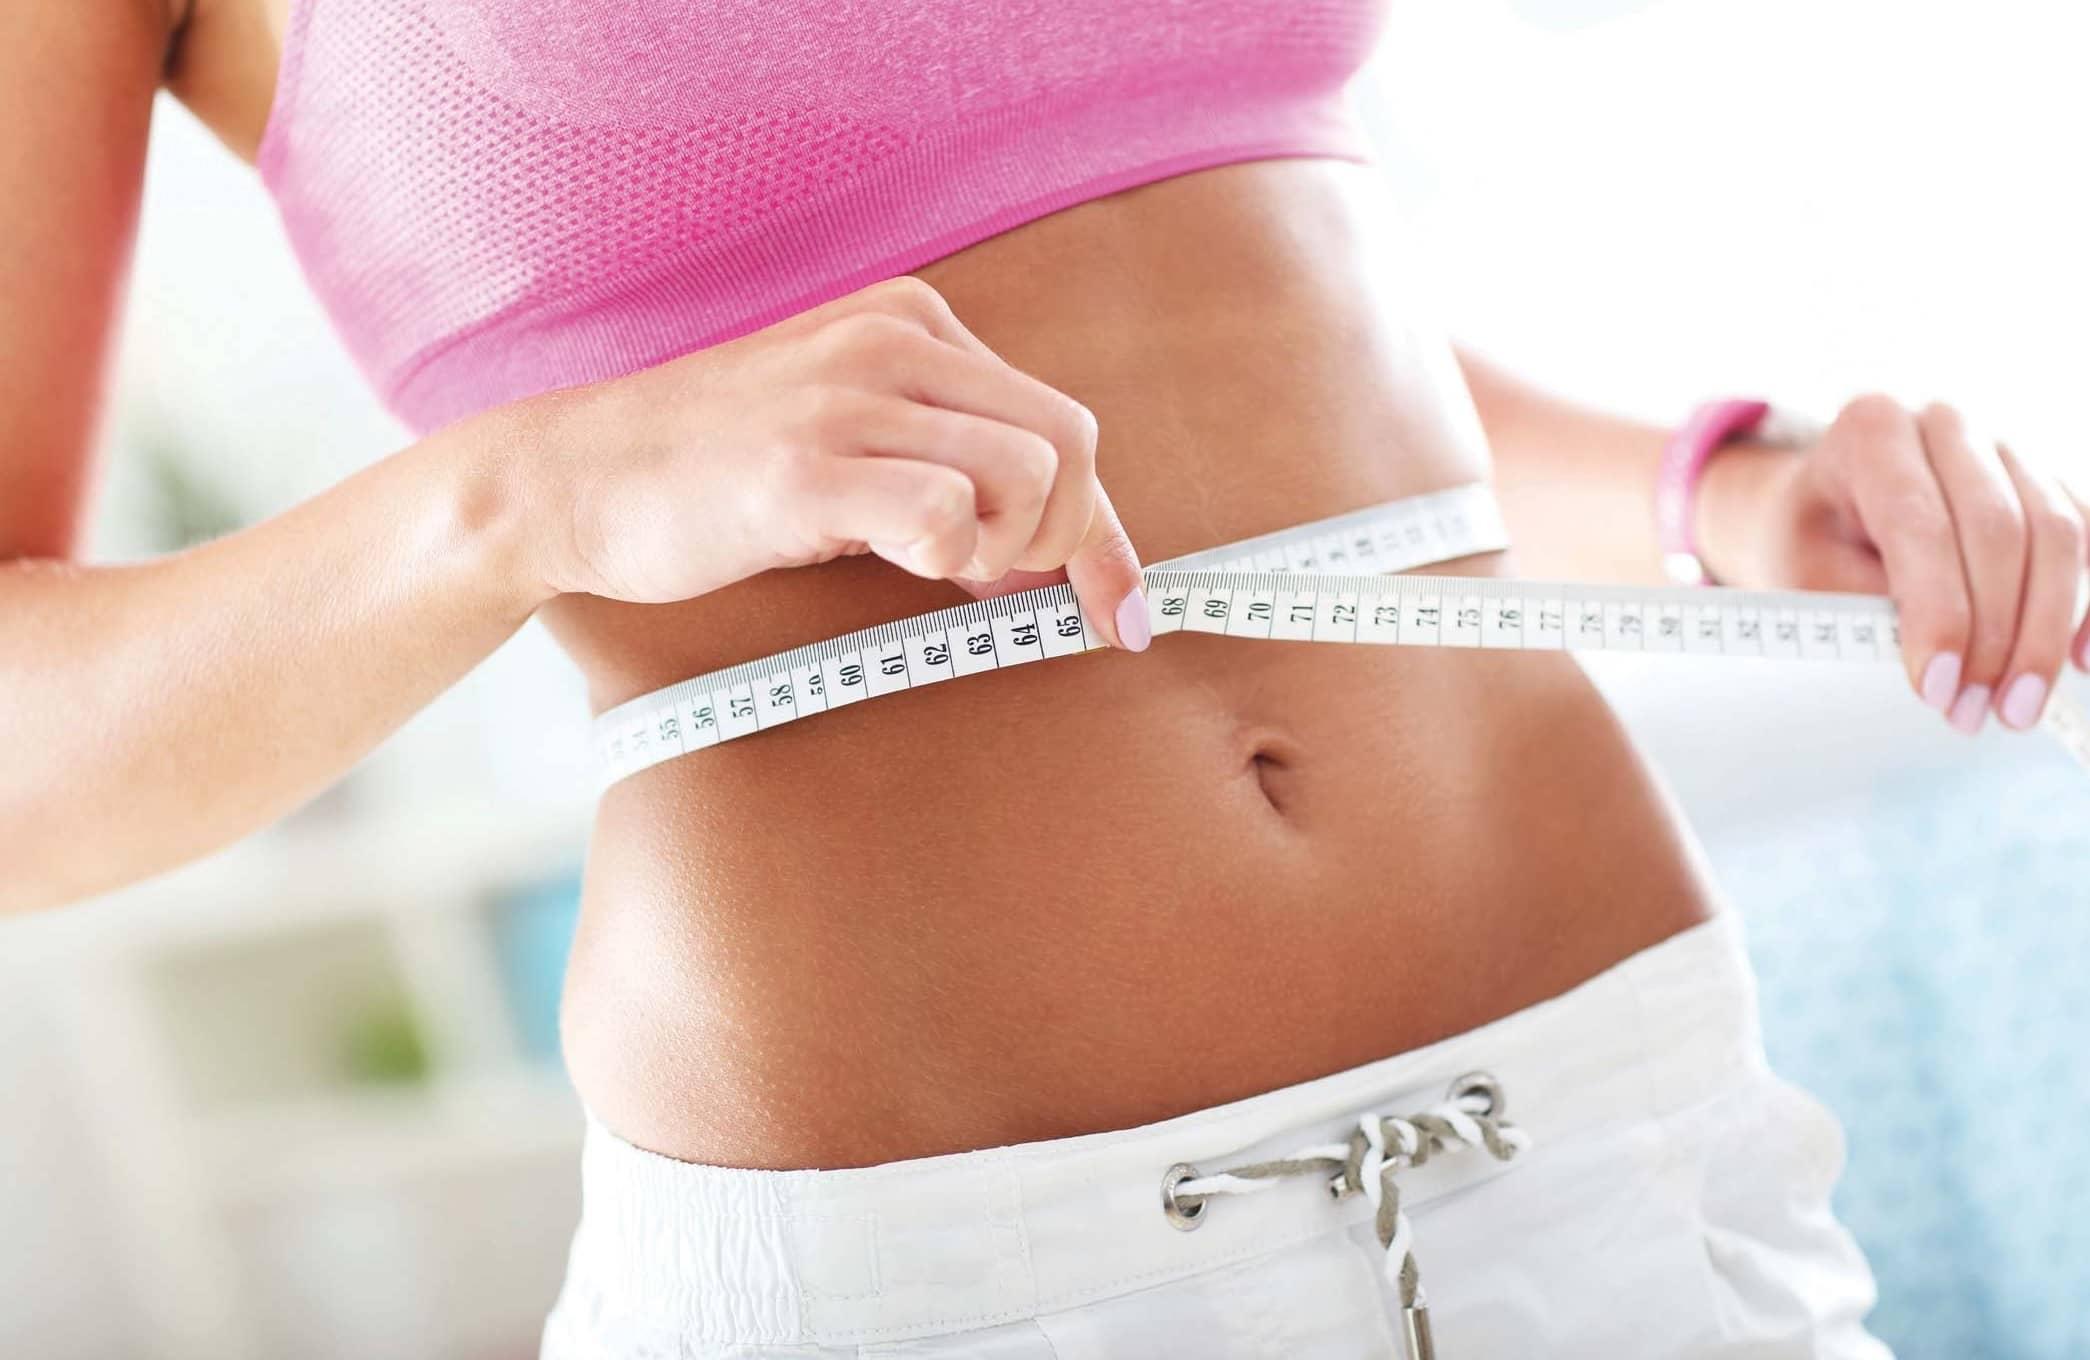 Закрепление Результата Похудения. Как не набрать лишний вес после диеты